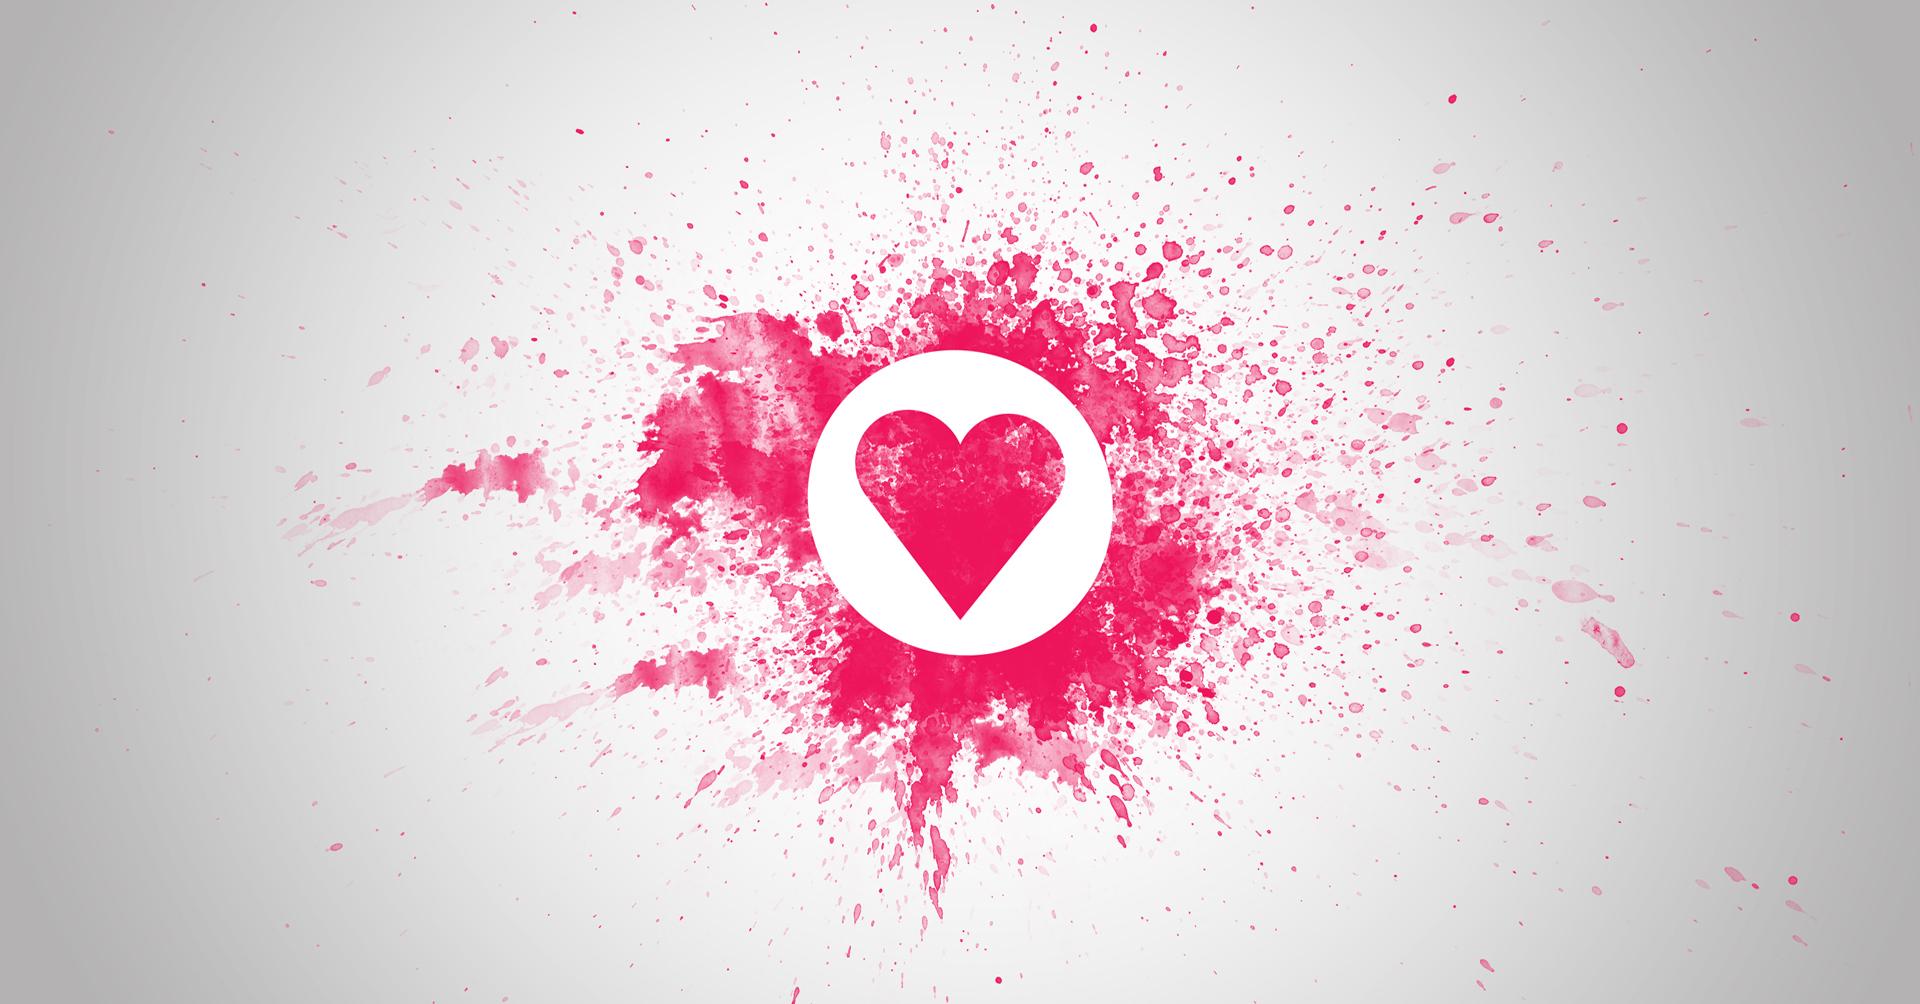 Fond d 39 cran amour c ur texte logo conception - San valentin desktop backgrounds ...